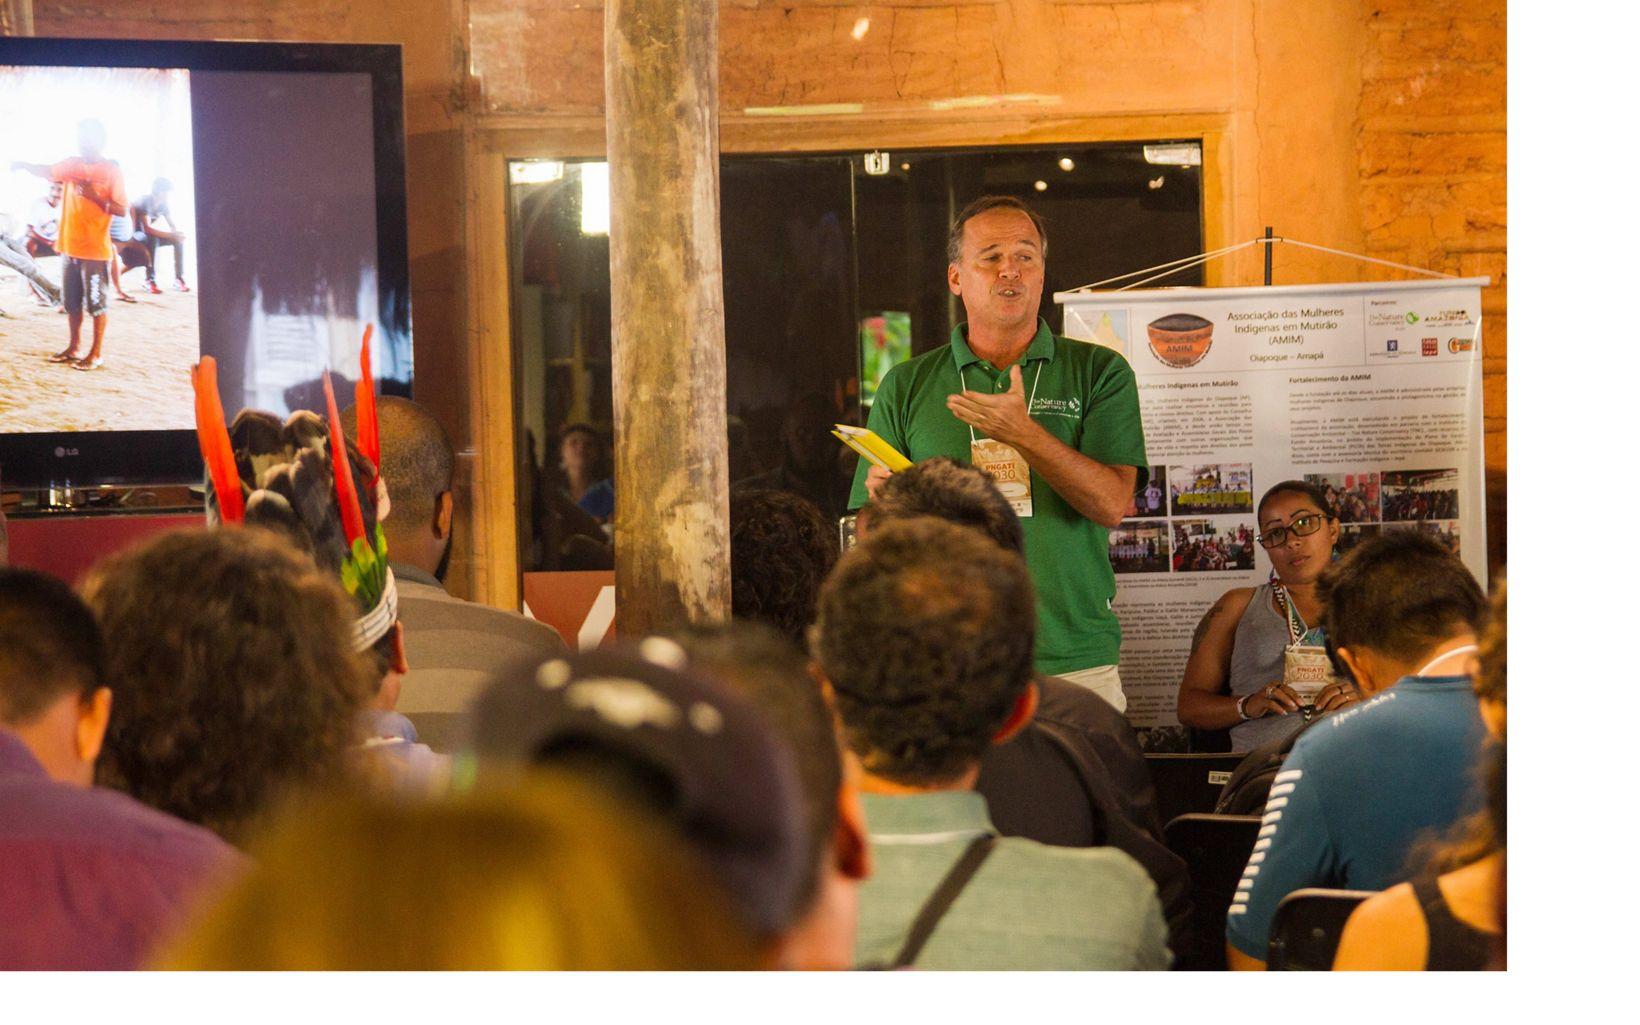 Fernando Bitterncourt, Gerente de Projetos com Povos Indígenas, falando no Seminário PNGATI 2030, no Rio de Janeiro, em 2018.